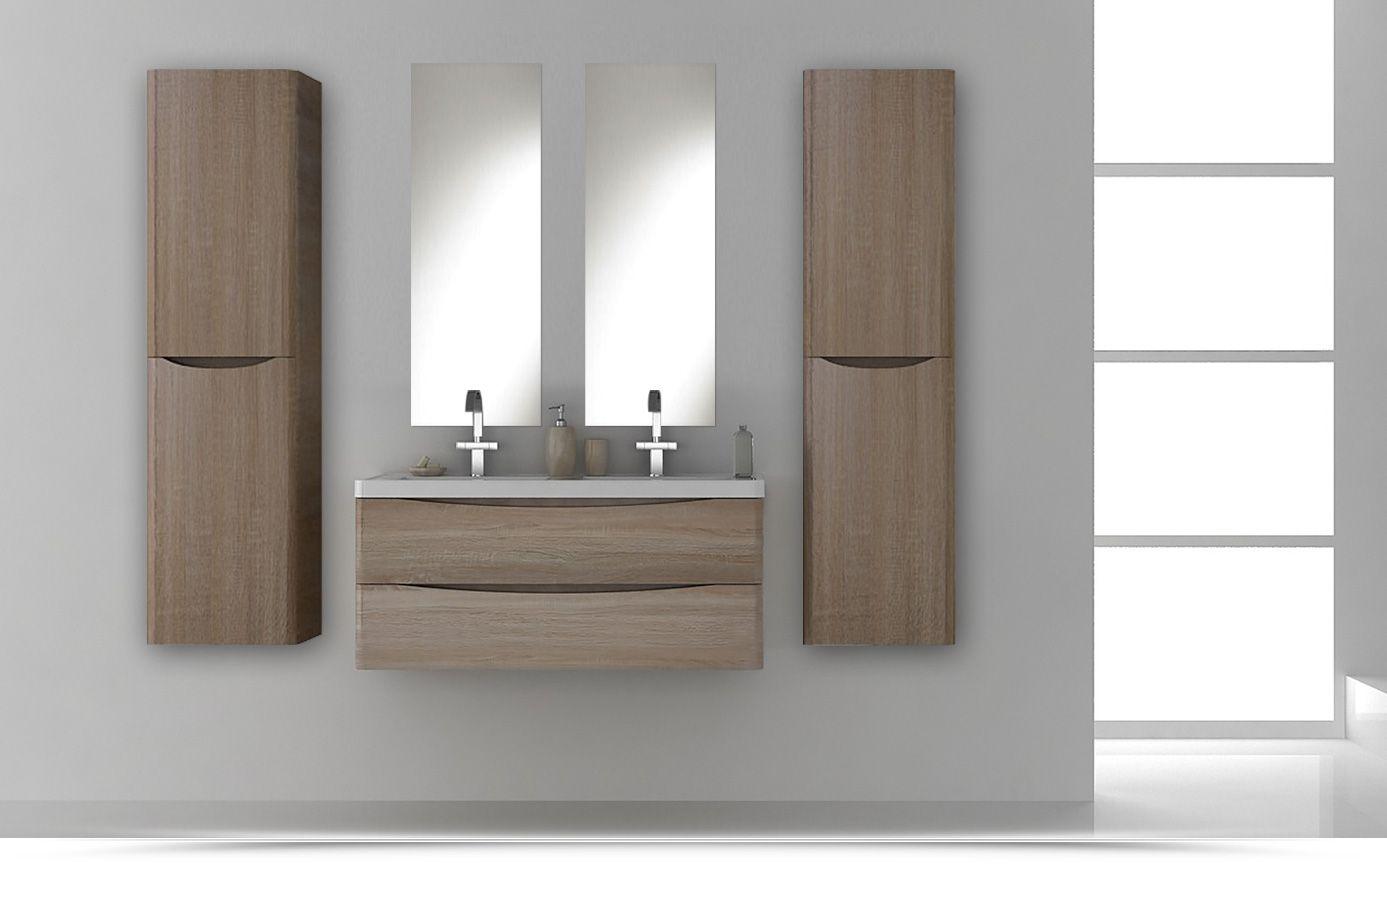 mobili lavabo - tutte le offerte : cascare a fagiolo - Arredo Bagno Sospeso Offerte